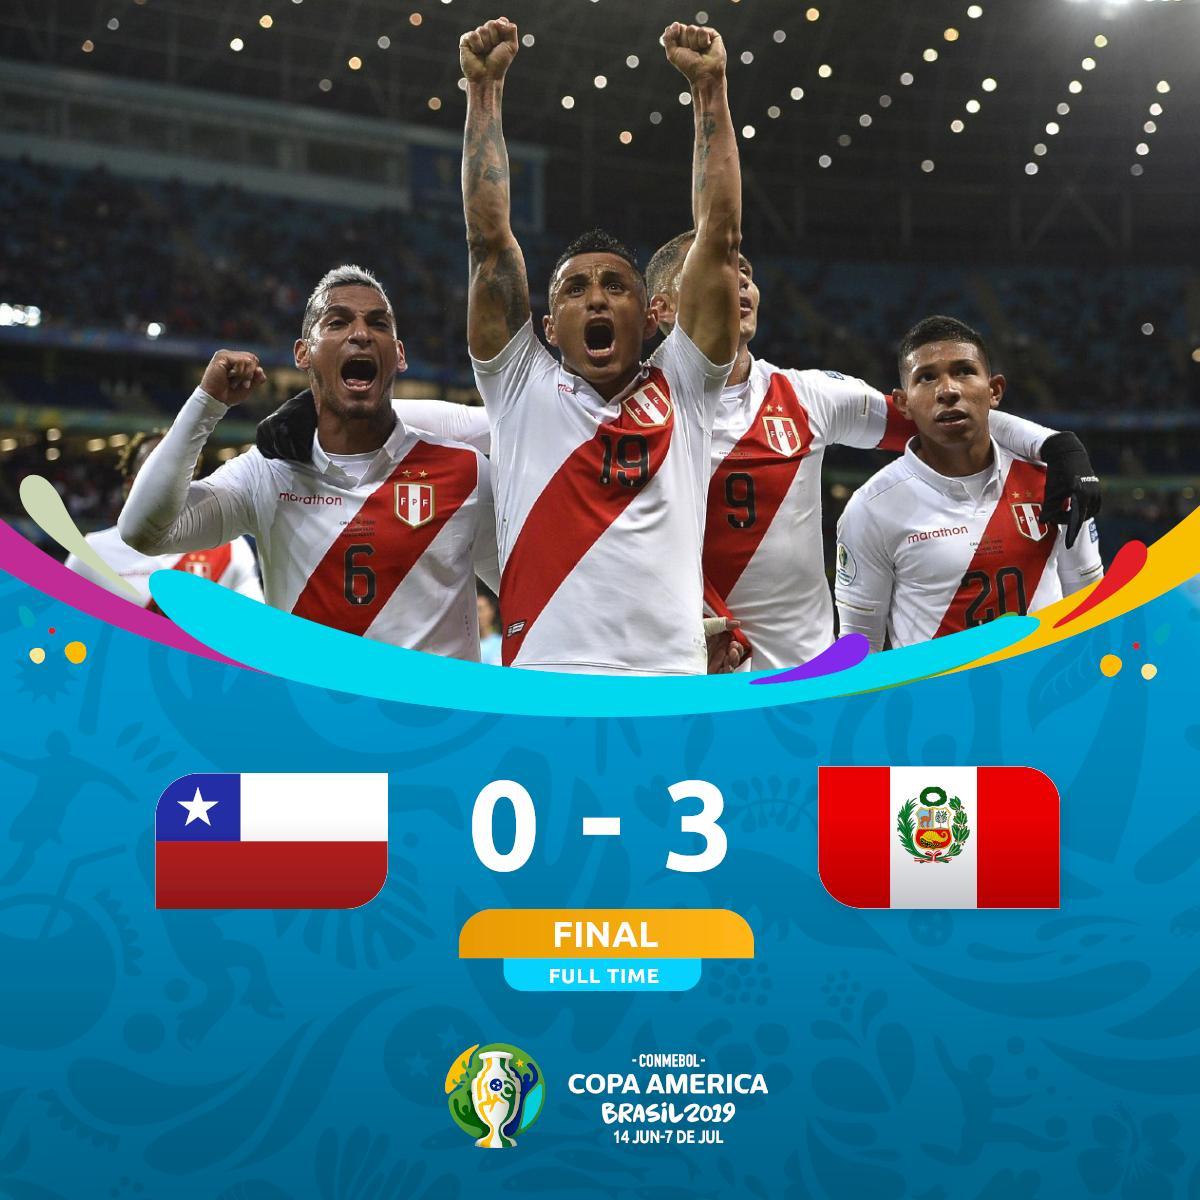 Chili-Pérou